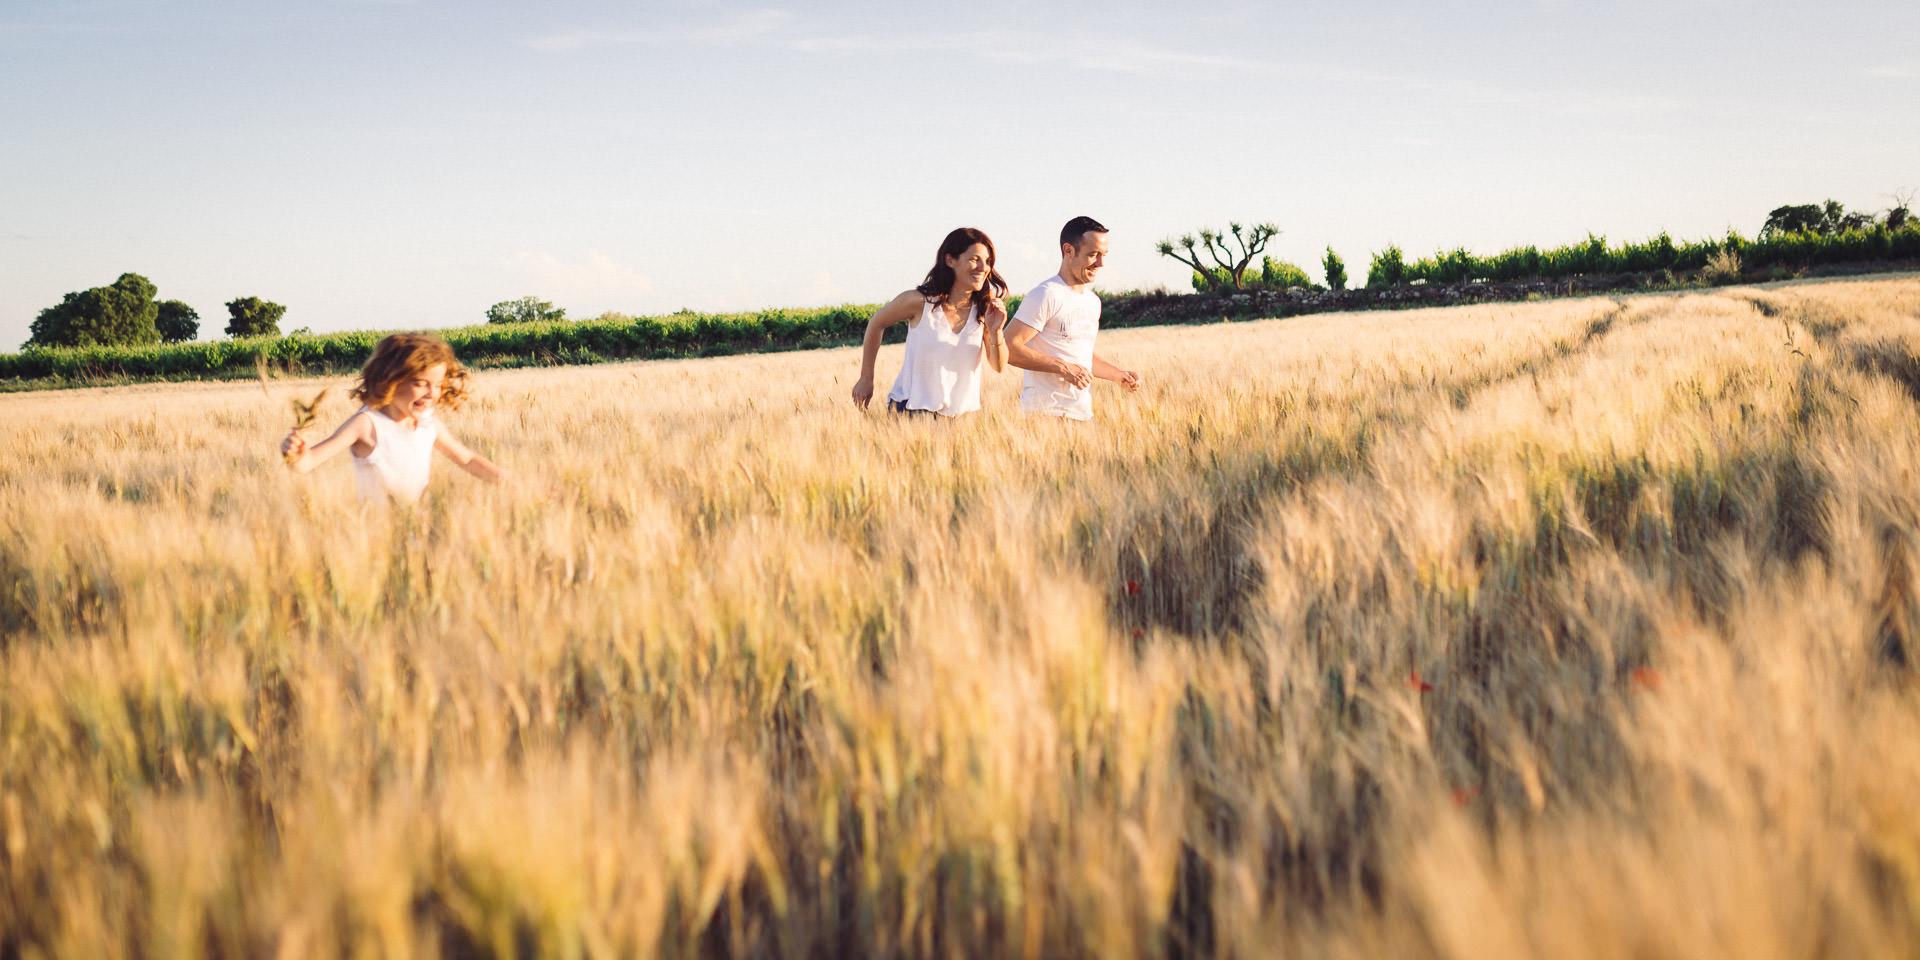 famille court champ de blé coucher de soleil seance photo famille cadeau studio graou